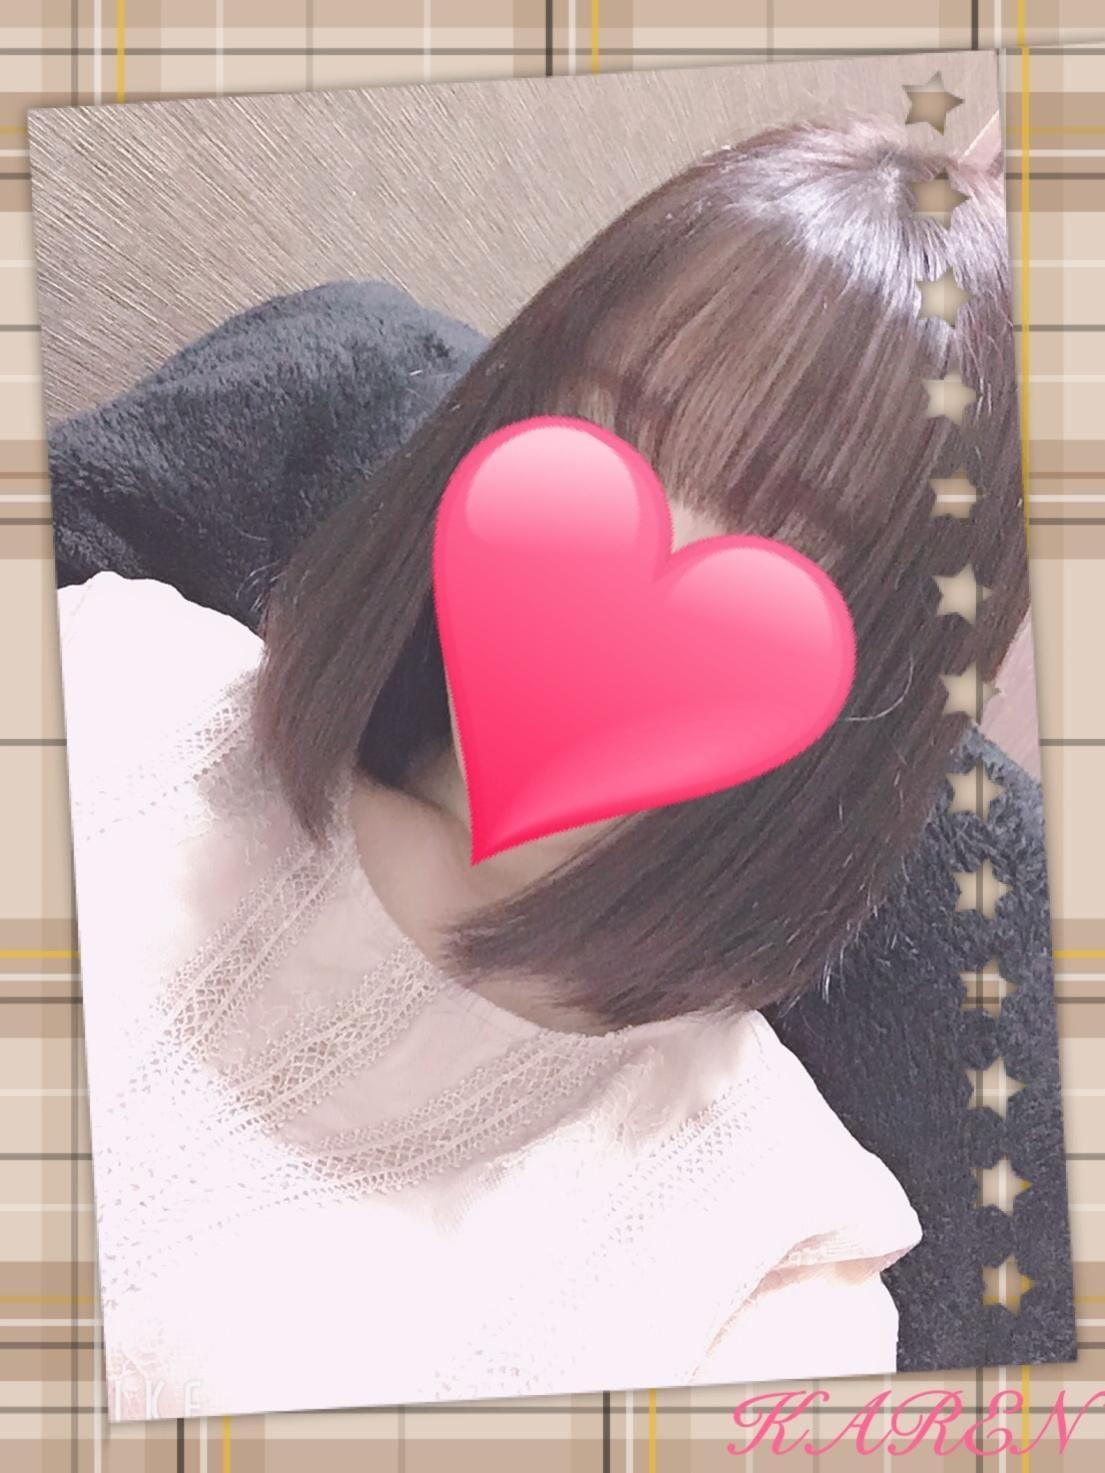 「♡お知らせ♡本日出勤♡」10/23(金) 09:26 | かれんの写メ・風俗動画